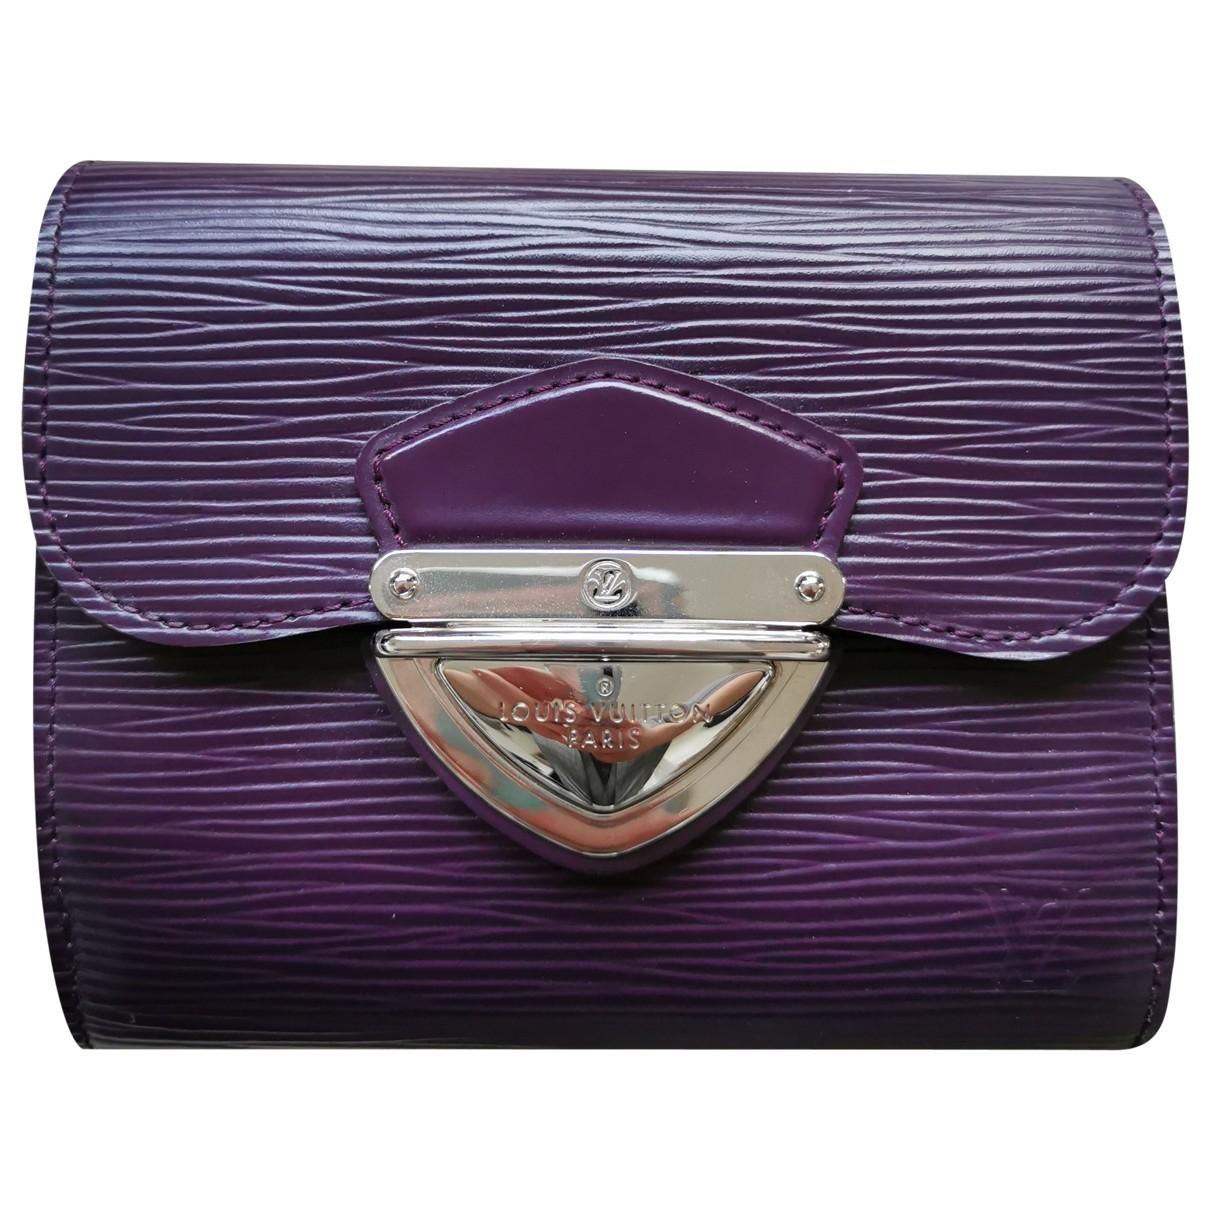 Louis Vuitton - Portefeuille Koala pour femme en cuir - violet